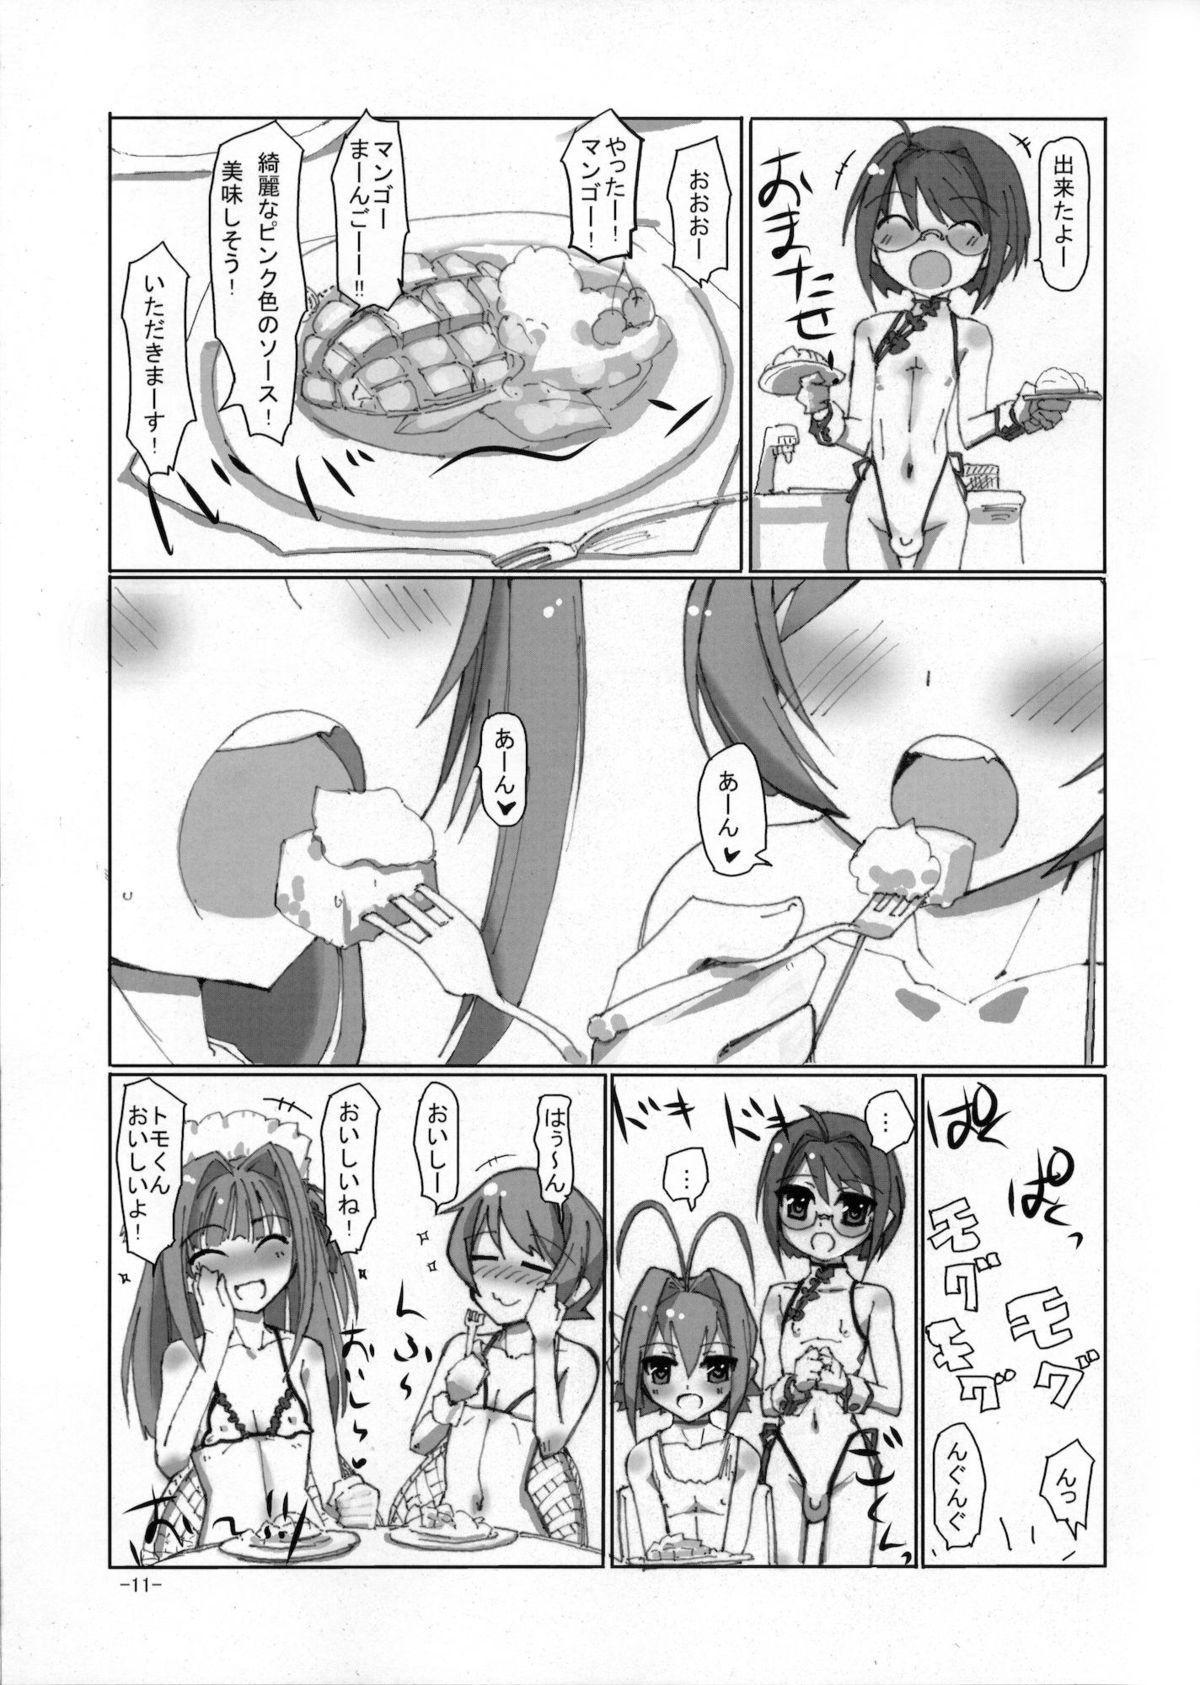 Sakurairo Shounen Sabou 5 9